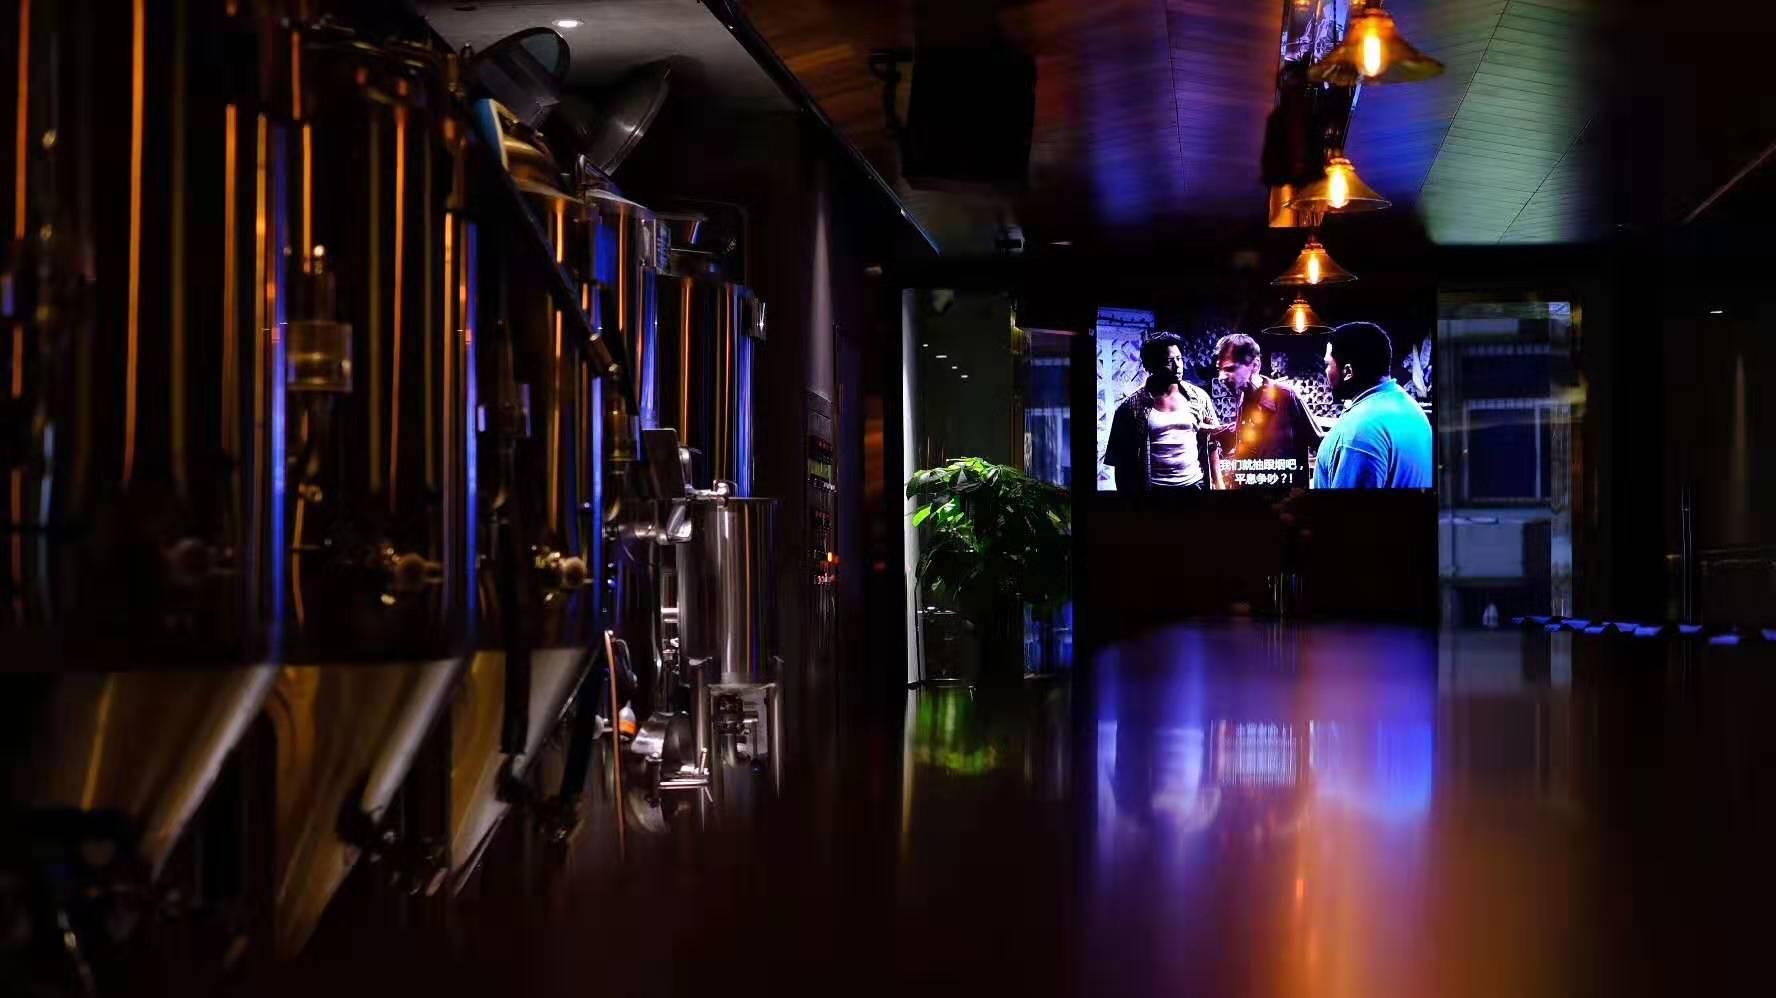 广东的原浆啤酒设备供应 深圳酿酒设备生产厂家